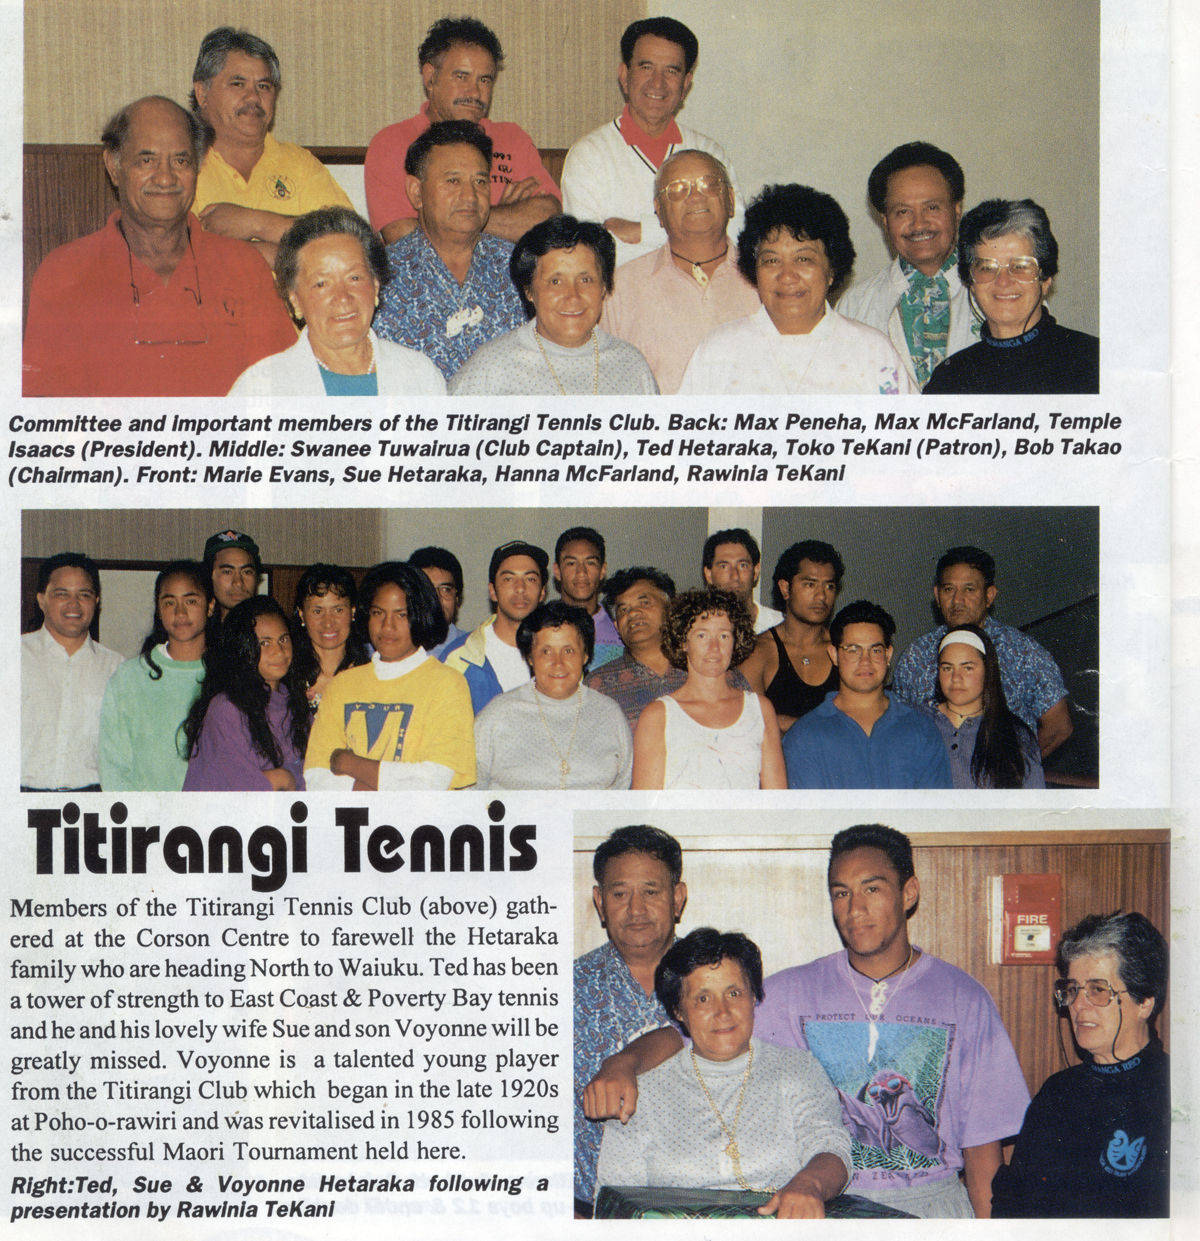 Titirangi Tennis Club - Farewell to Hetaraka whanau